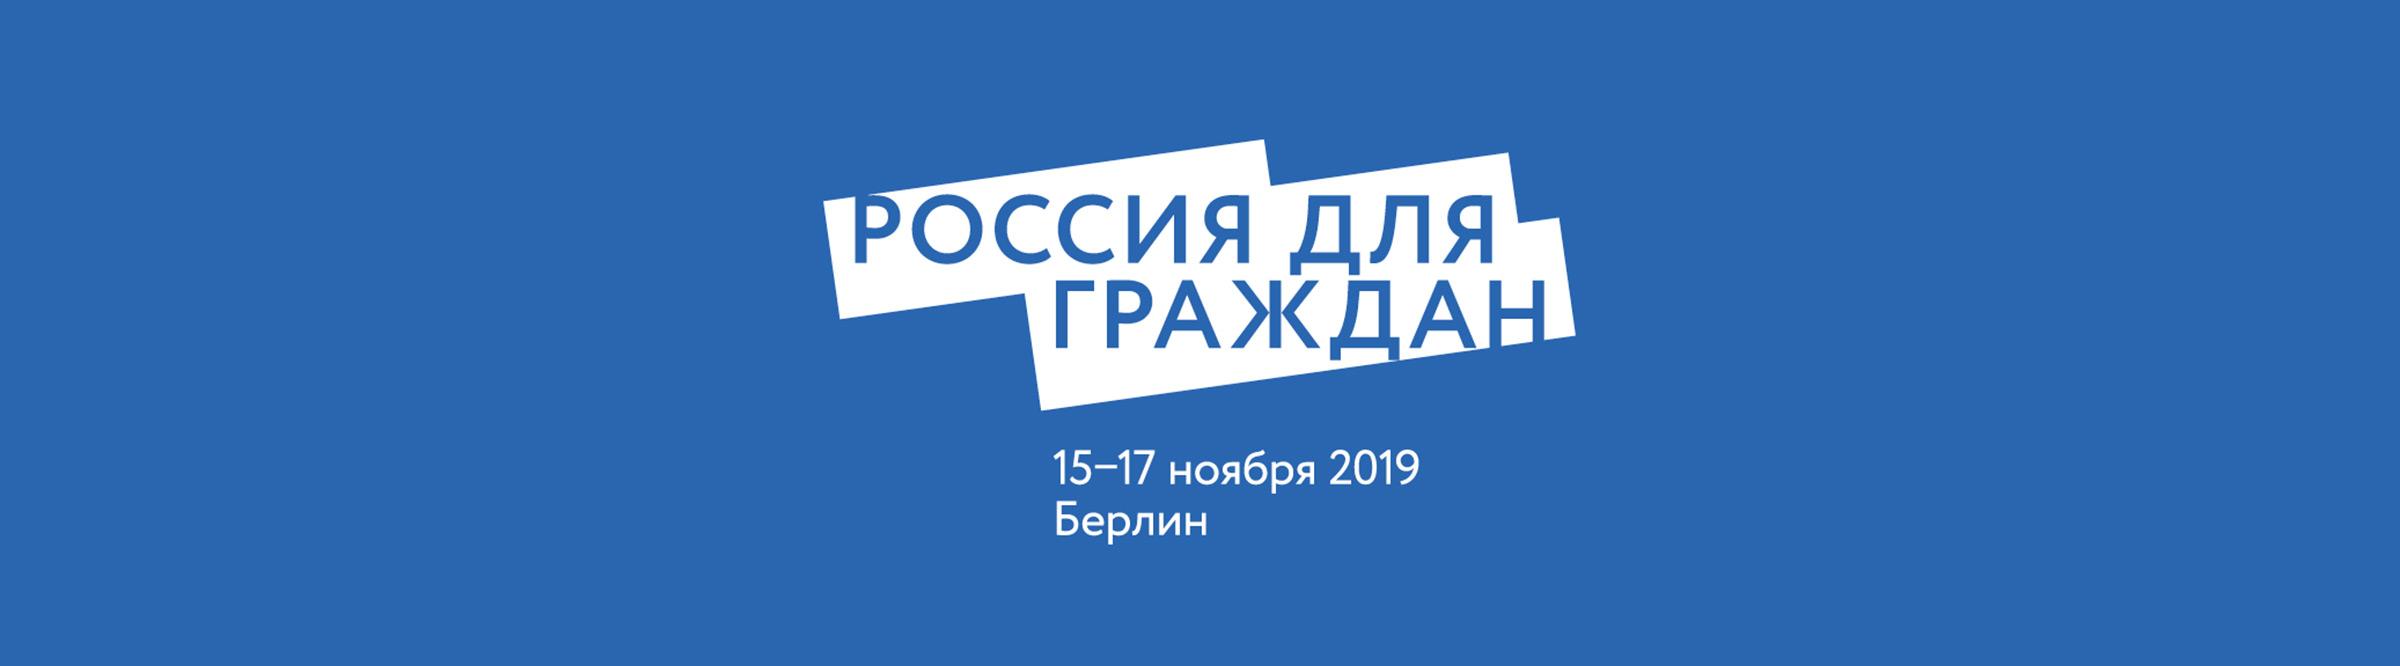 Ходорковский провёл в Германии слёт пятой колонны «Россия для граждан»